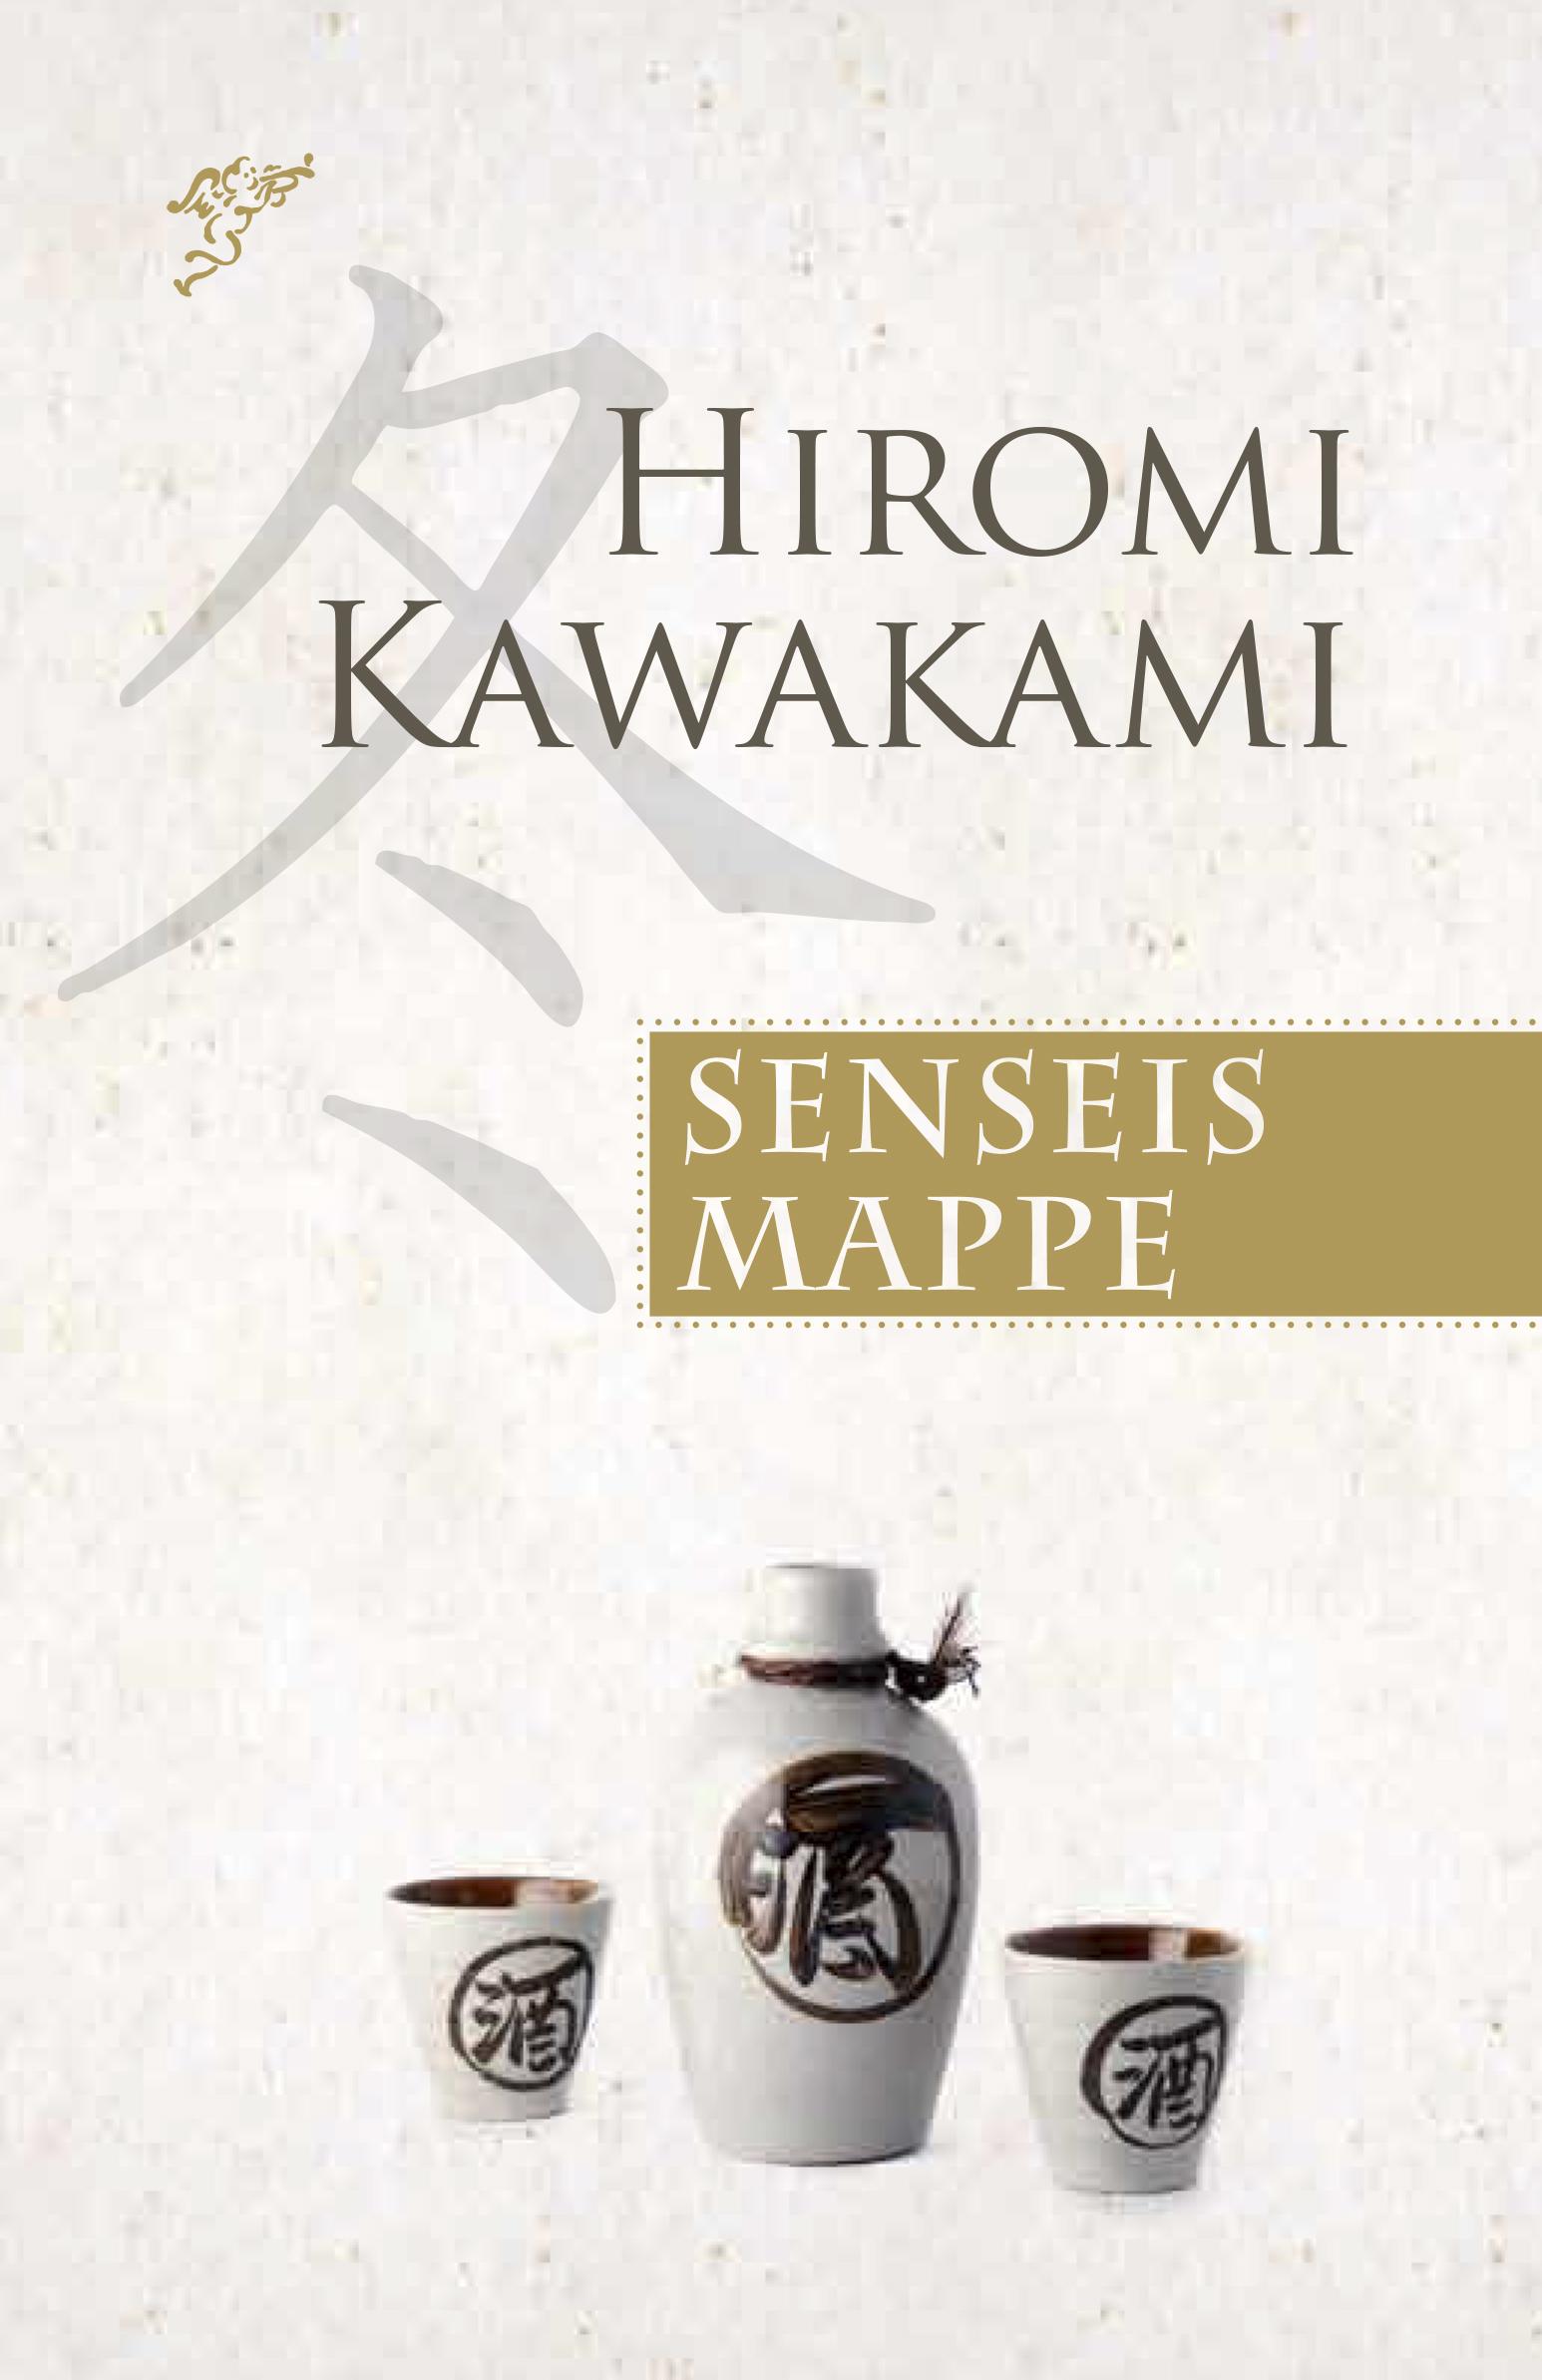 Hiromi Kawakami: Senseis mappe